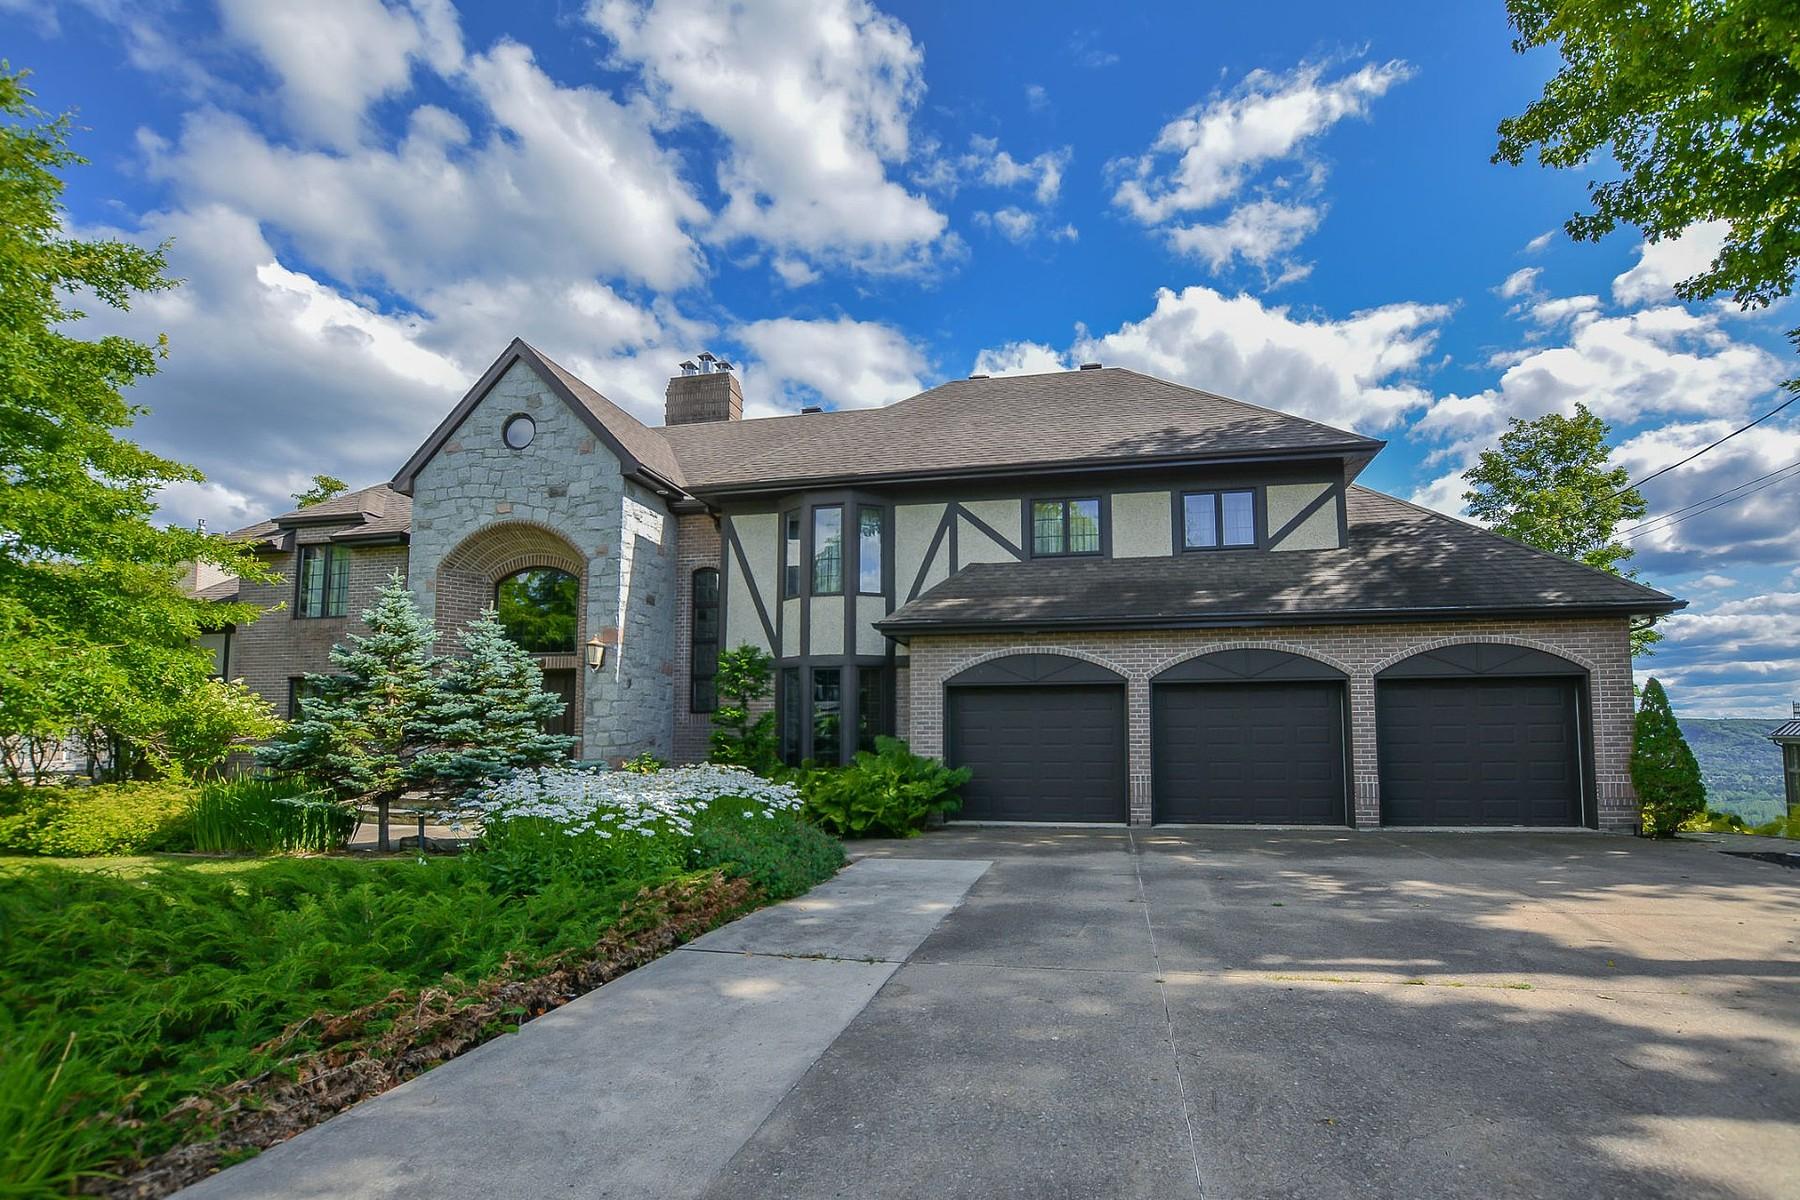 Single Family Homes for Sale at Sainte-Adèle, Laurentides 1485 Rue des Quatre-Saisons Sainte-Adele, Quebec J8B2M3 Canada